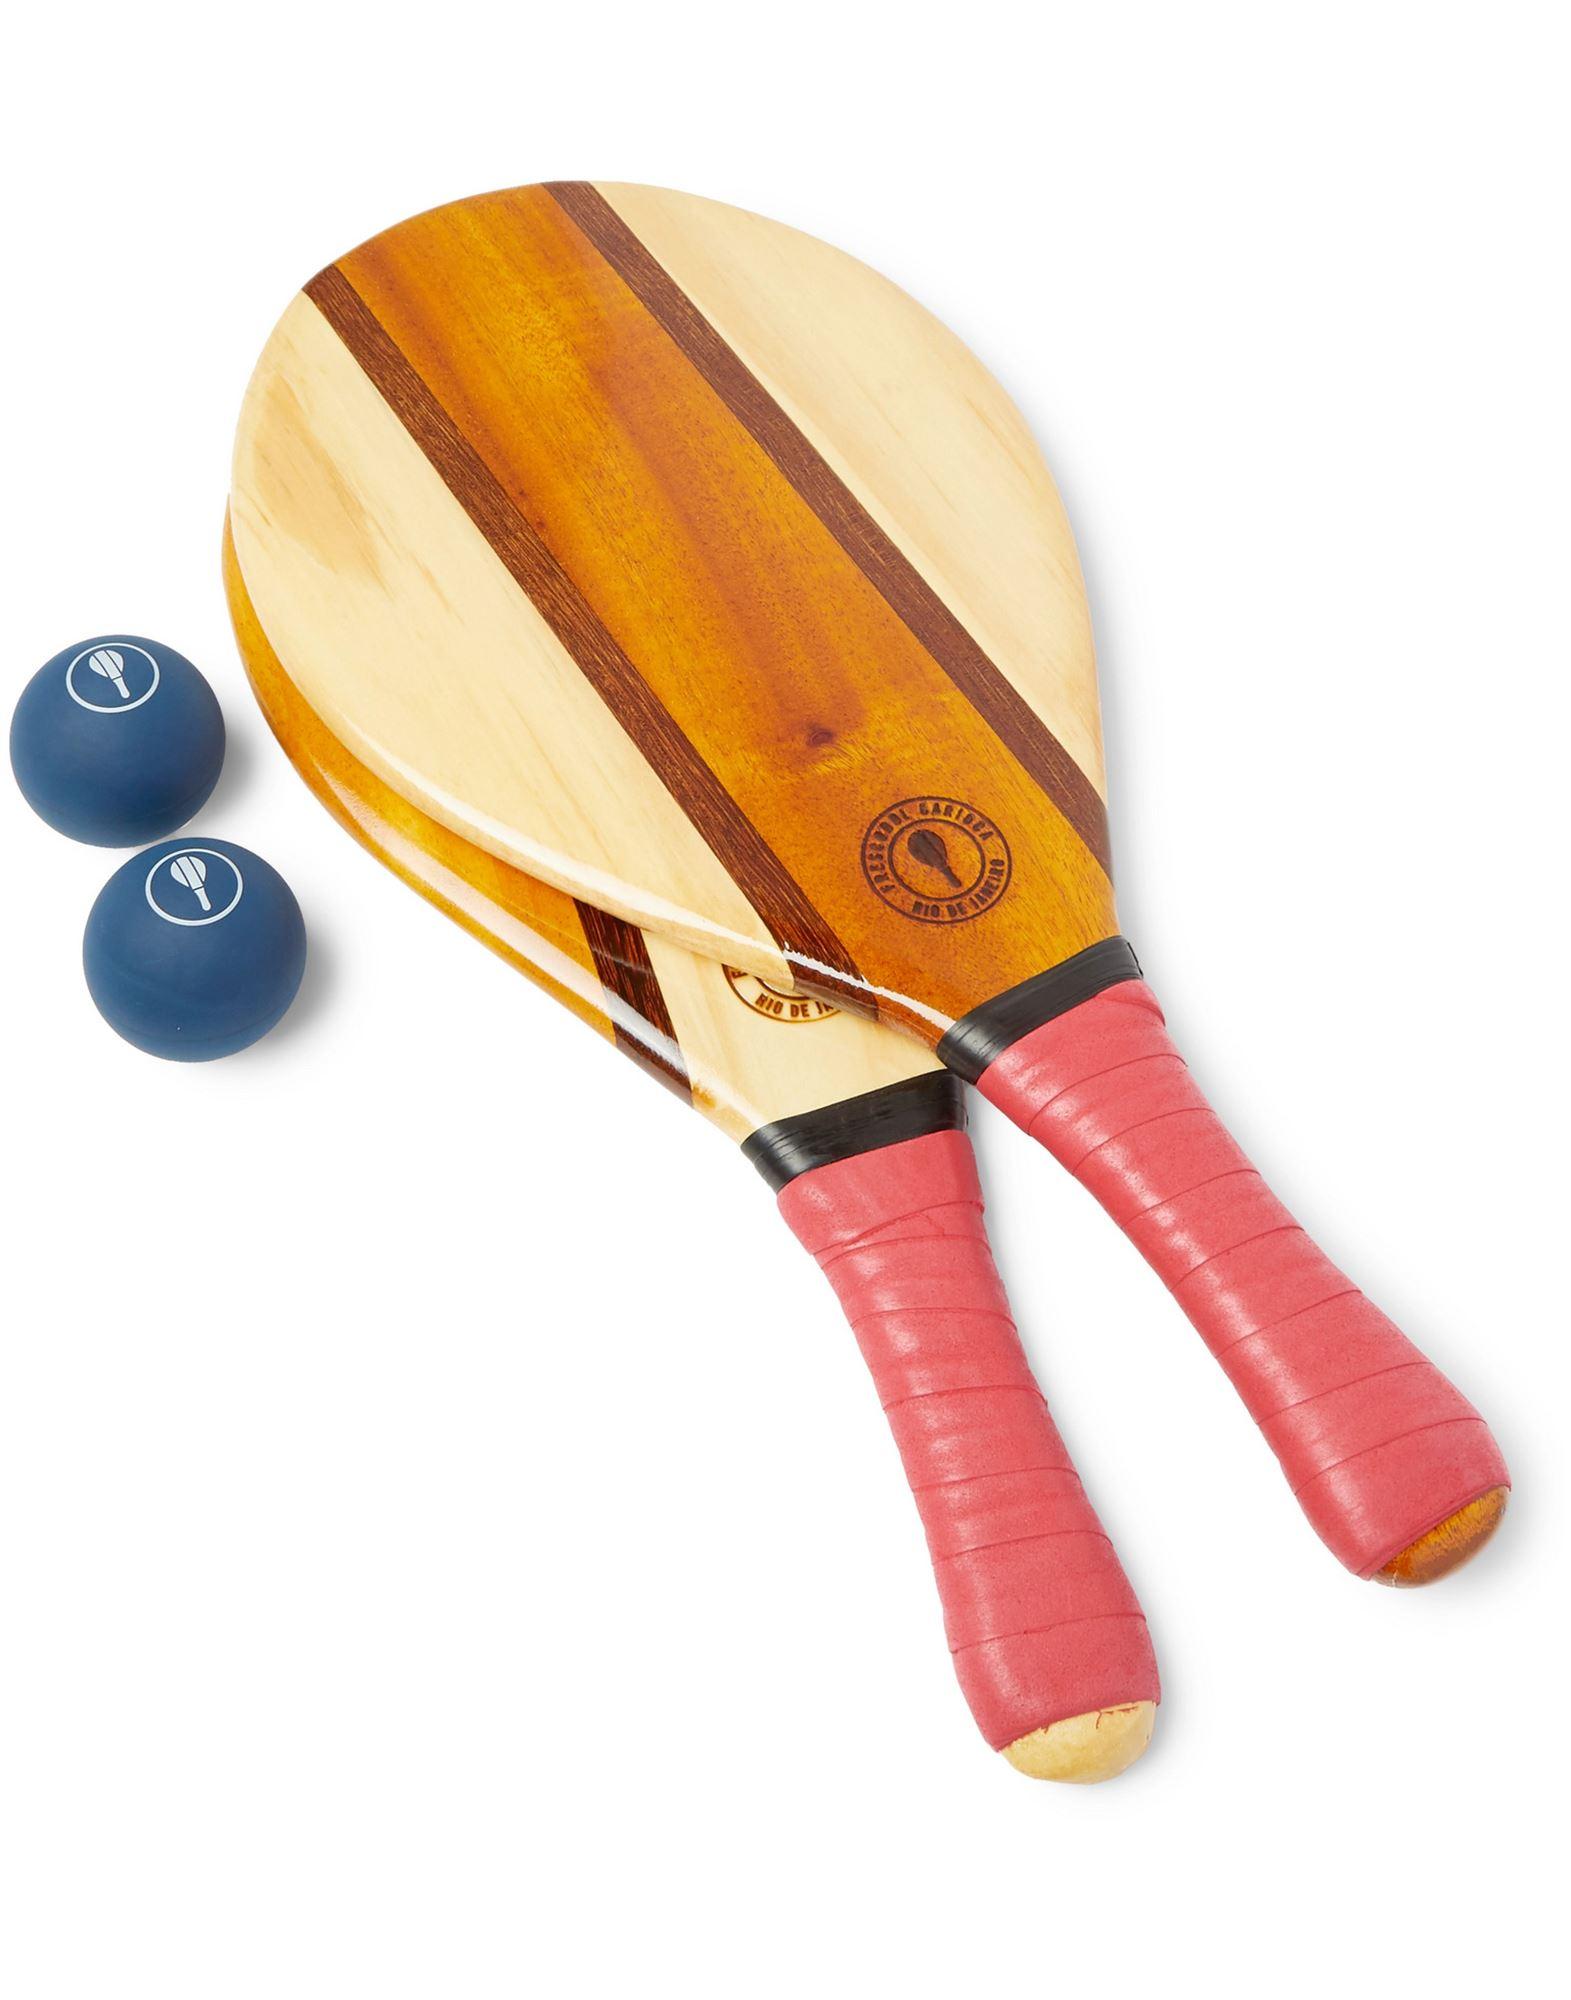 Frescobol Carioca Sports Accessories In Red